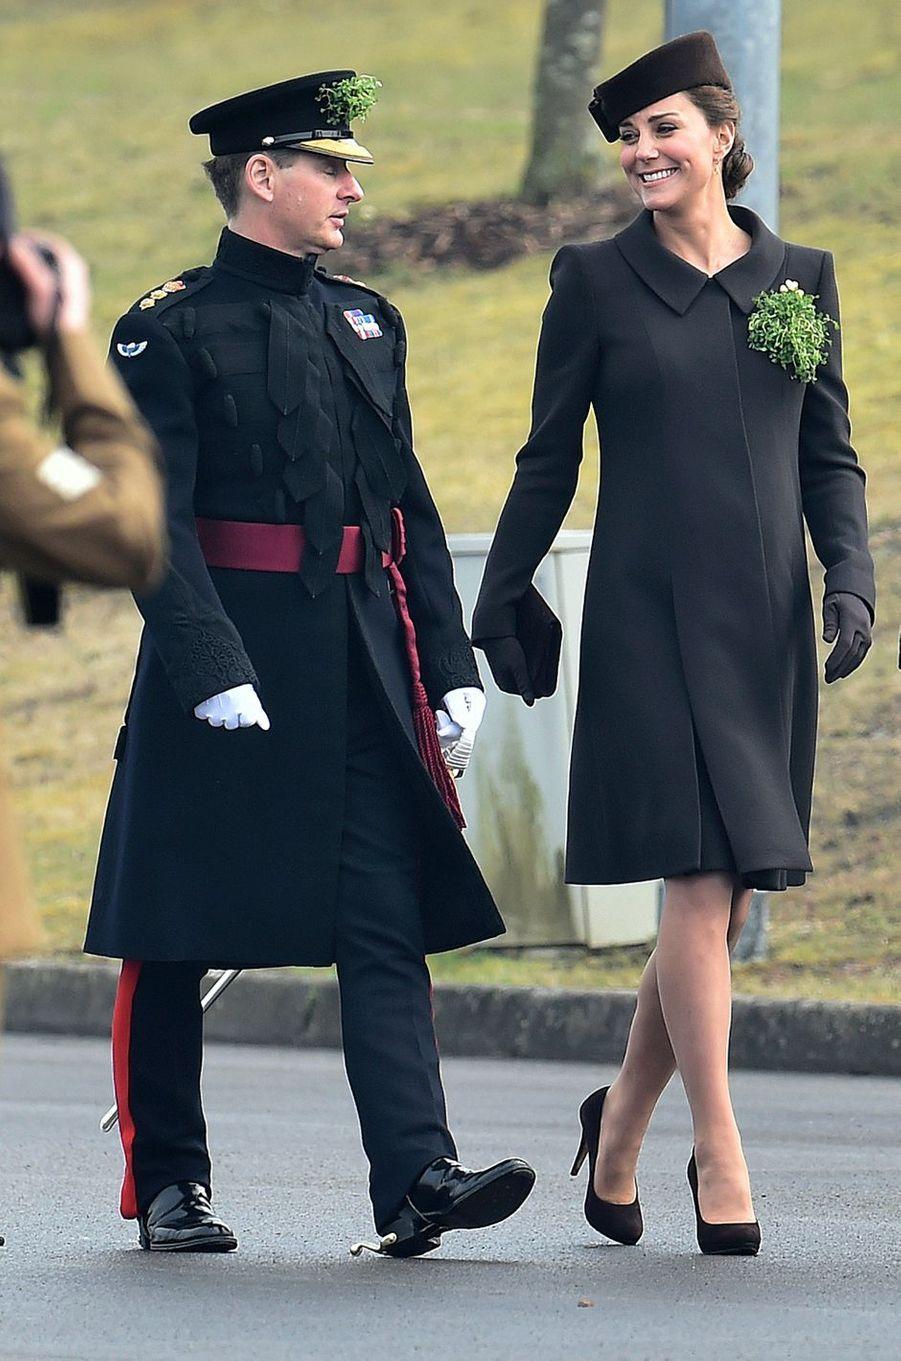 La duchesse de Cambridge, née Kate Middleton, en Catherine Walker pour la St Patrick à Aldershot, le 17 mars 2015